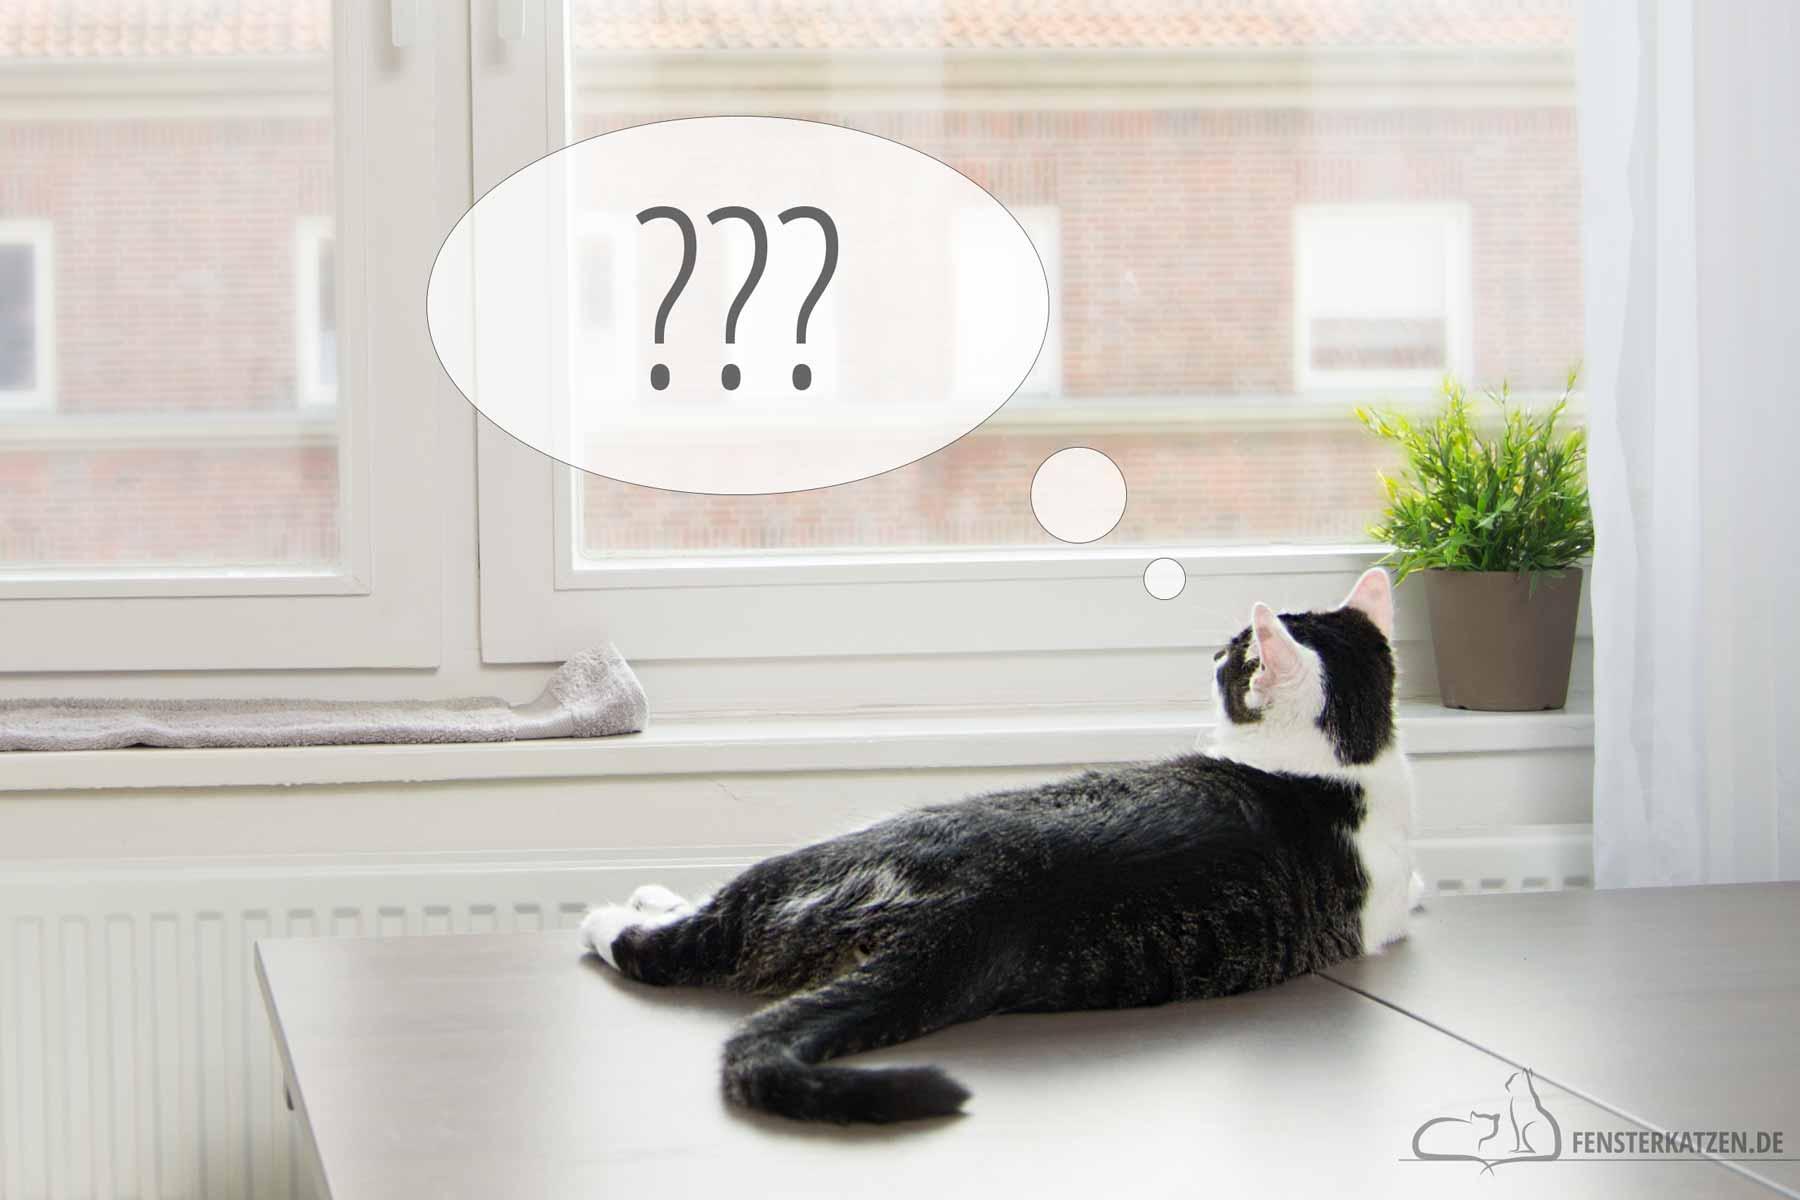 Fensterkatzen-Ratgeber-Was-sollte-man-sich-vor-der-Aufnahme-einer-Katze-fragen-Titelbild